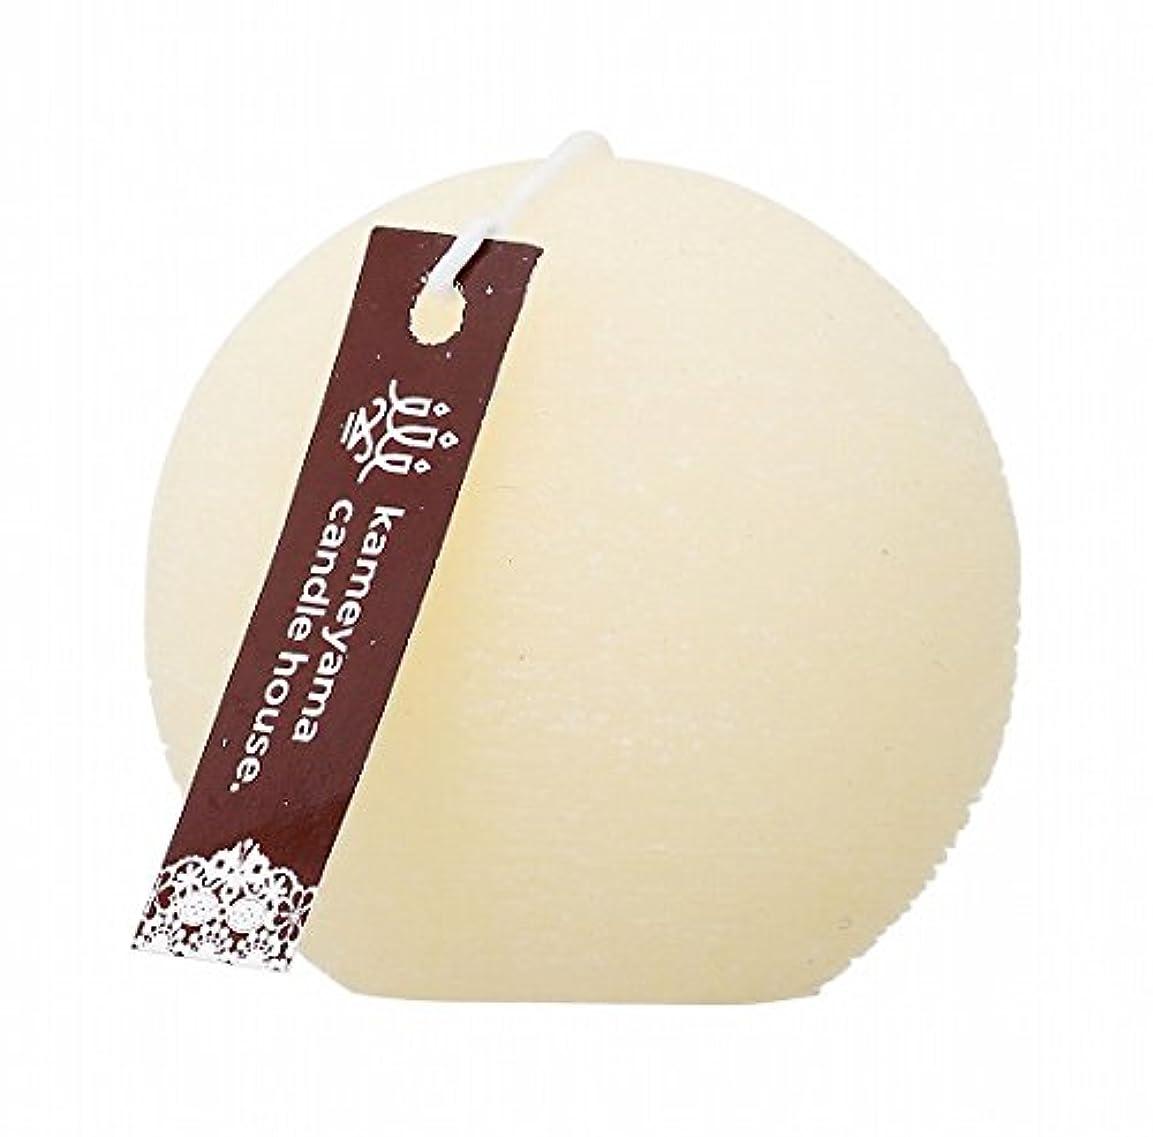 準備する親指ソケットヤンキーキャンドル(YANKEE CANDLE) ブラッシュボール60 「 アイボリー 」